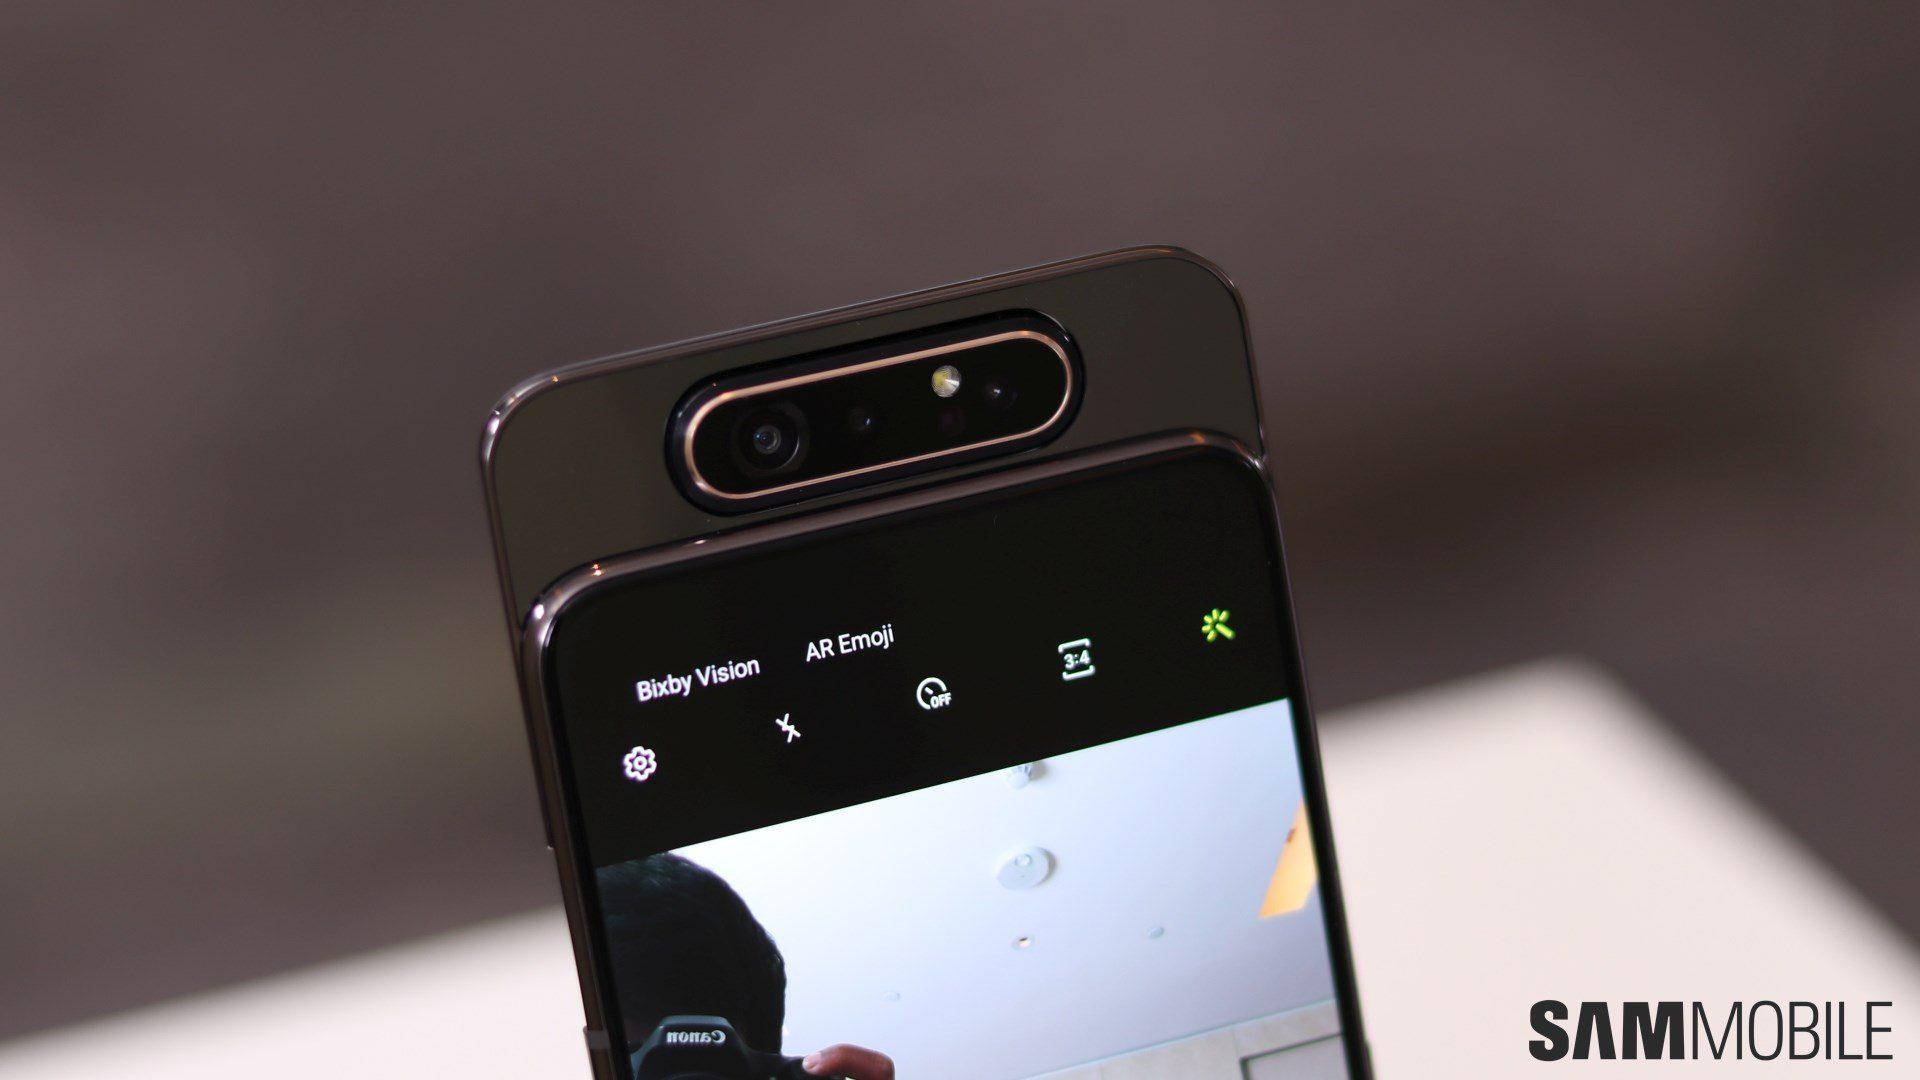 Trên tay Galaxy A80: camera xoay trượt độc đáo, màn hình tràn viền hoàn toàn, vi xử lý Snapdragon 730 mới ra mắt hôm nay …!